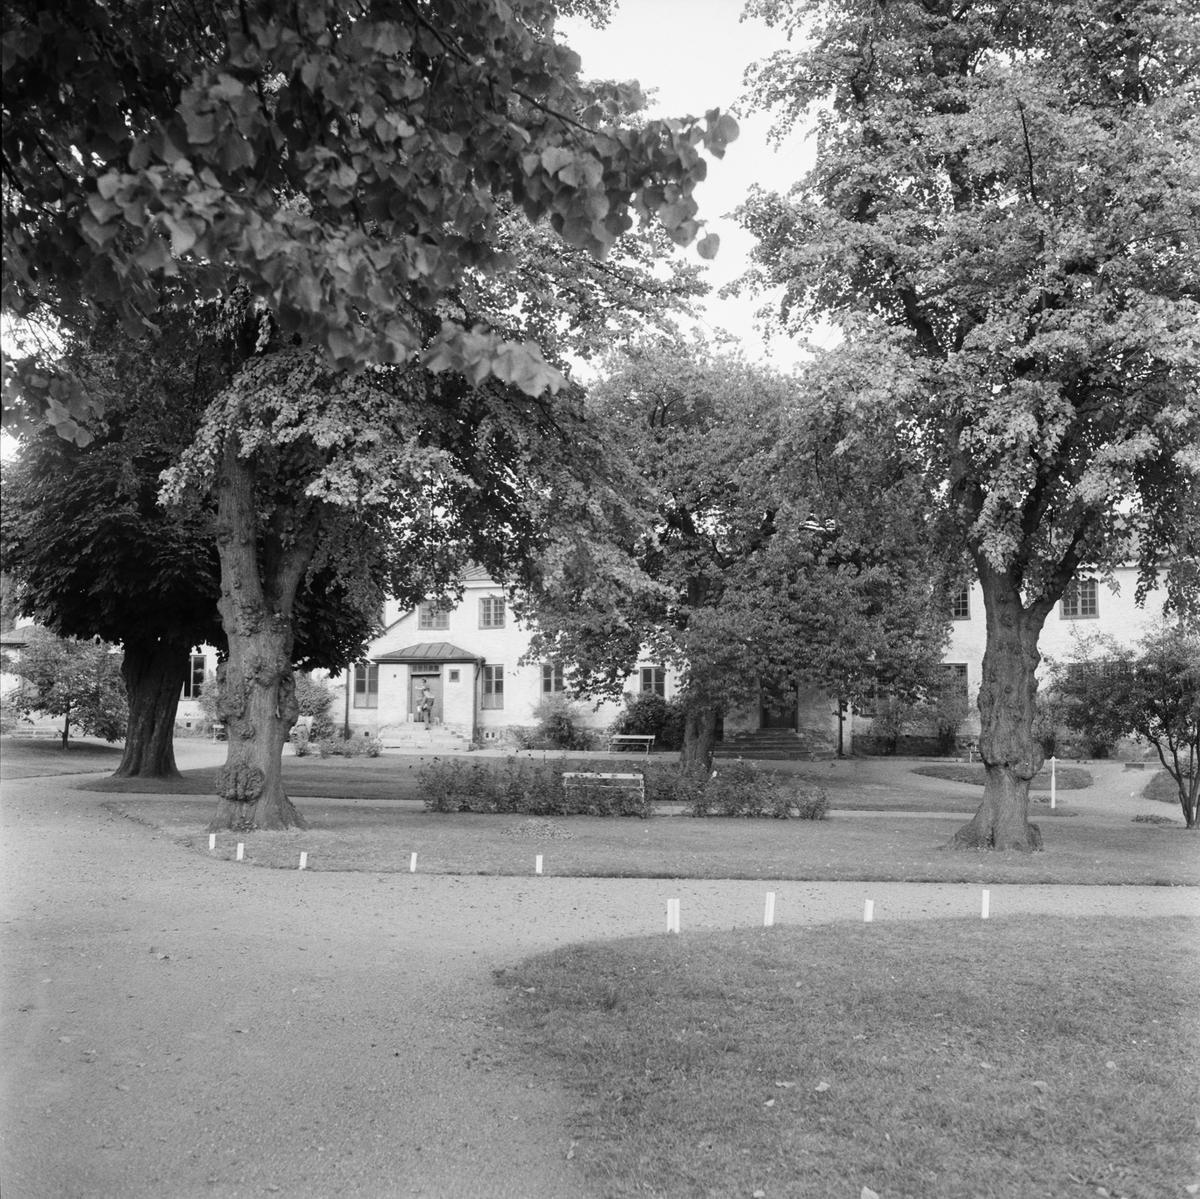 Övrigt: Fotodatum:8/10 1959 Byggnader och Kranar. G:a flottans sjukhus